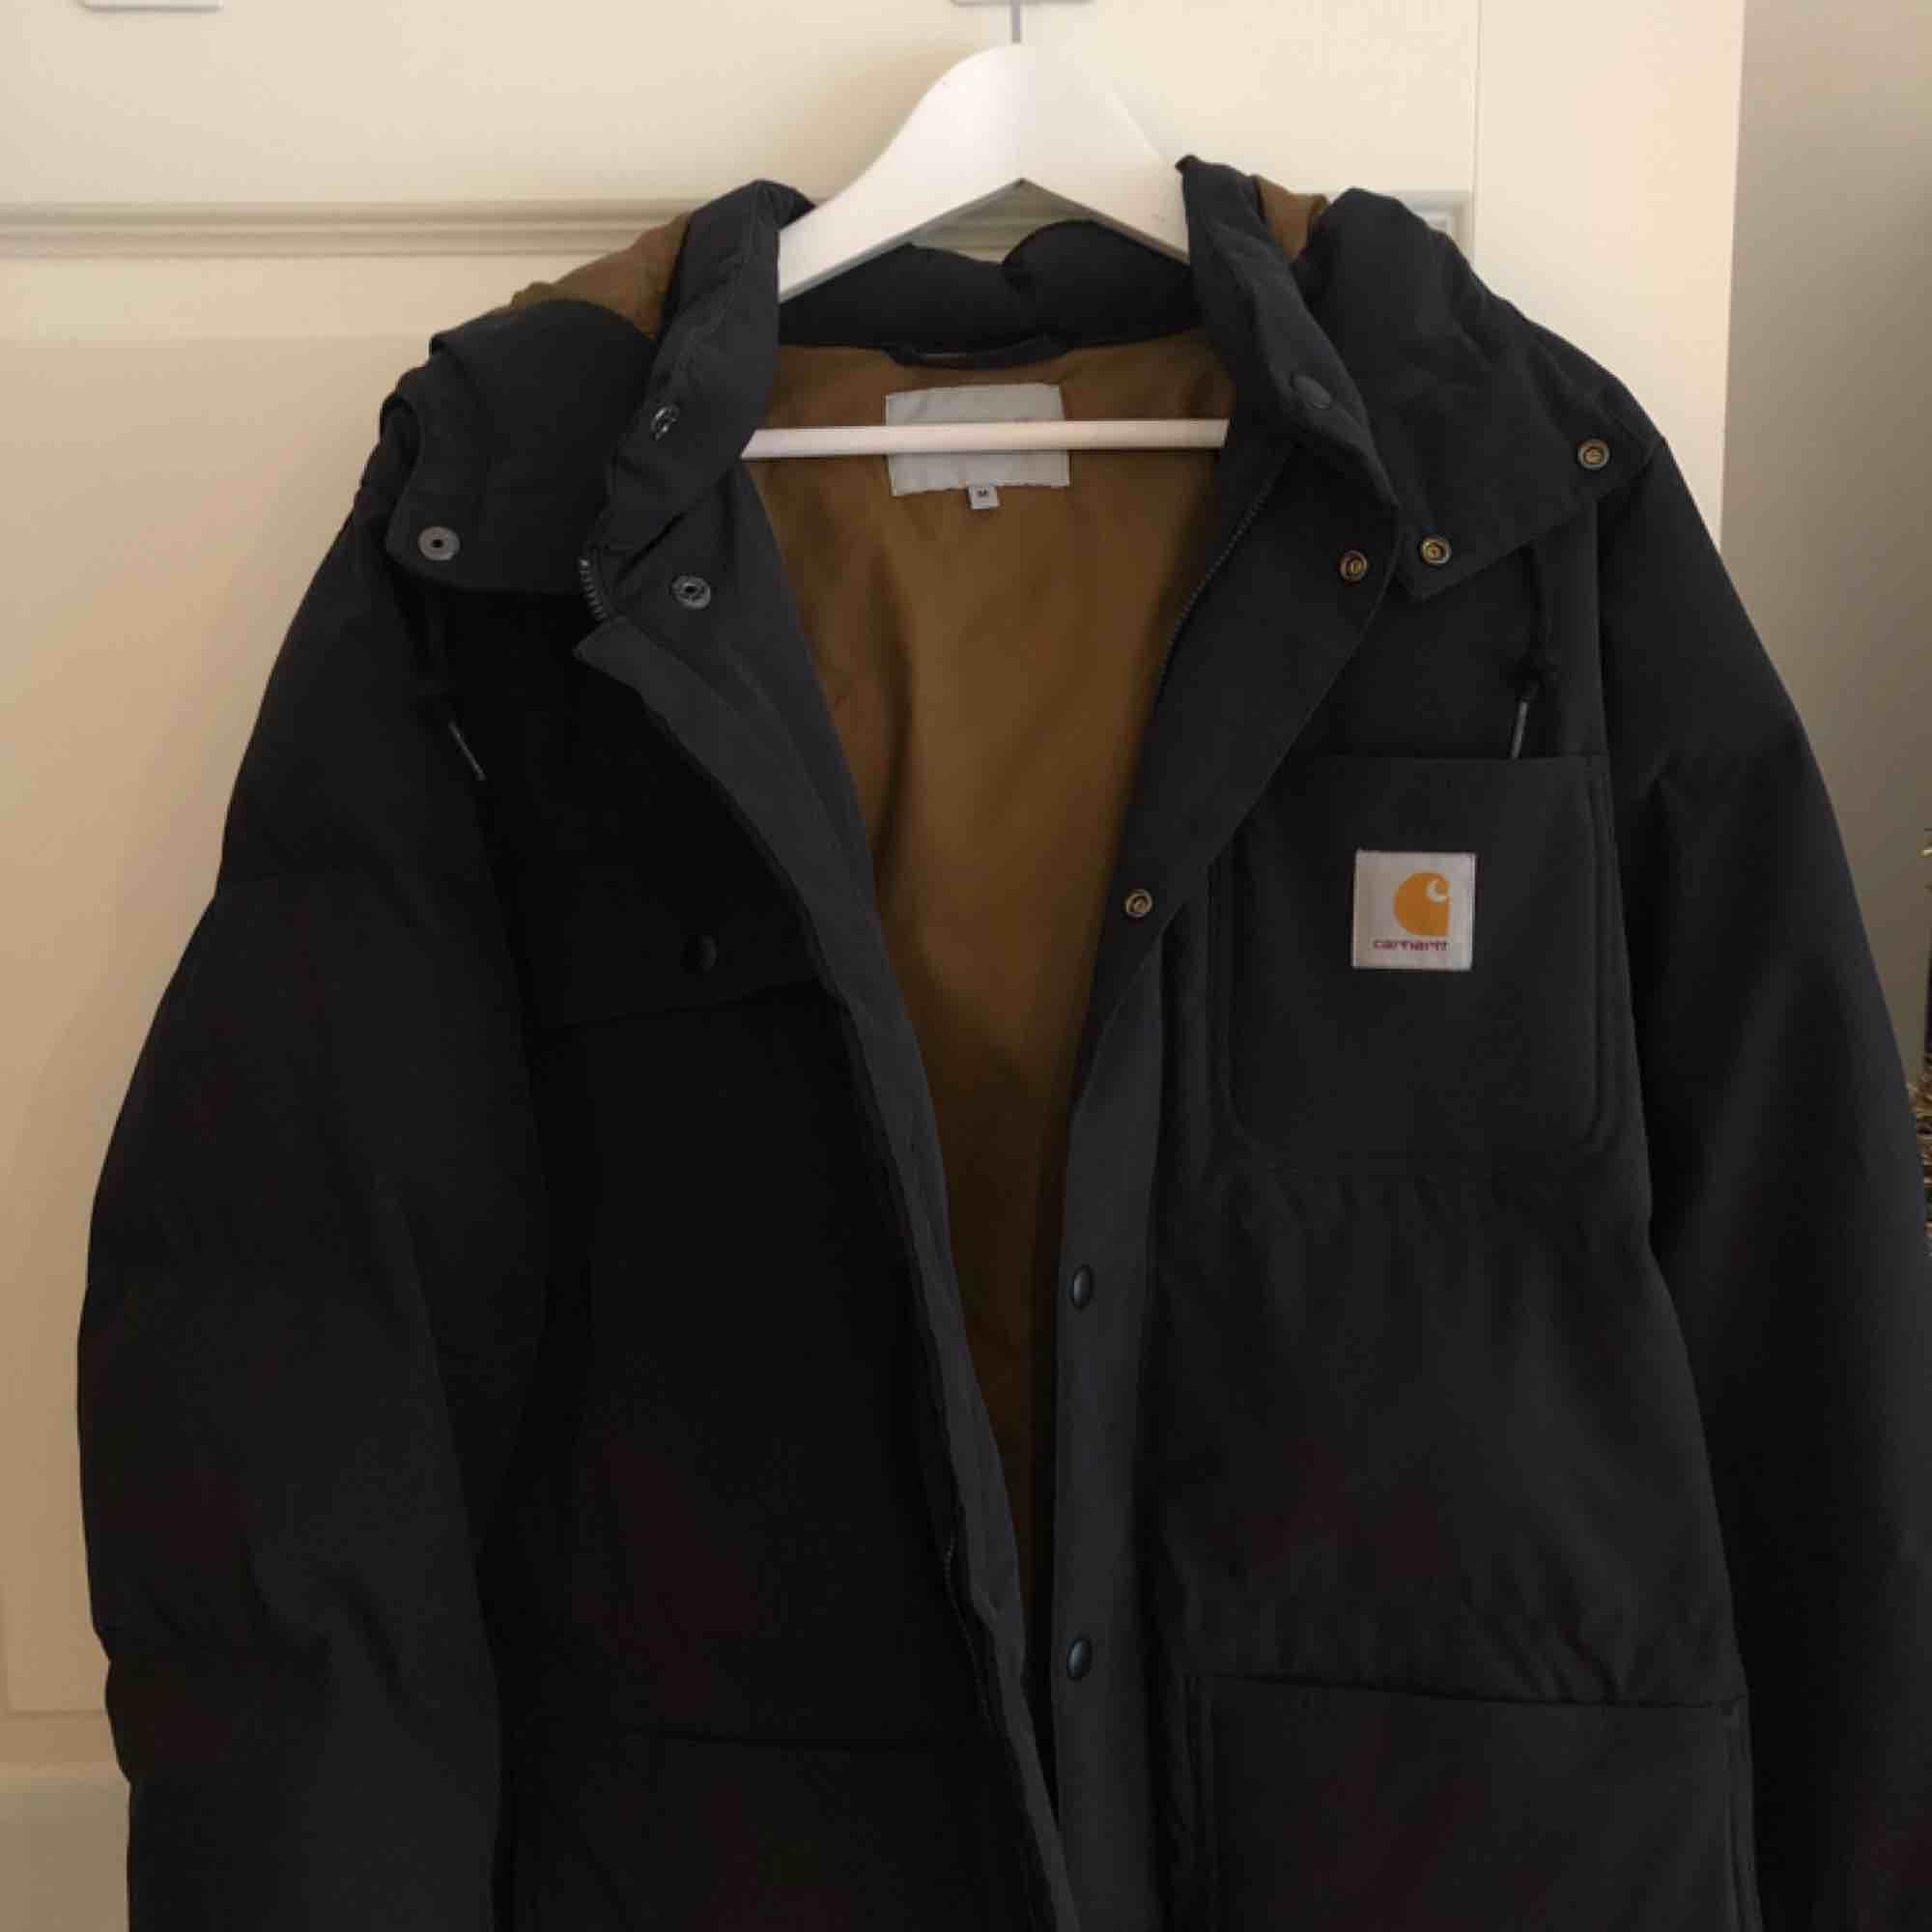 Carhartt WIP Alpine coat köpt från Junkyard för 2200kr. Använd ca 2-3 ggr. Säljer för 2000kr. Varm och luftig, inte extremt varm så funkar till våren.. Jackor.